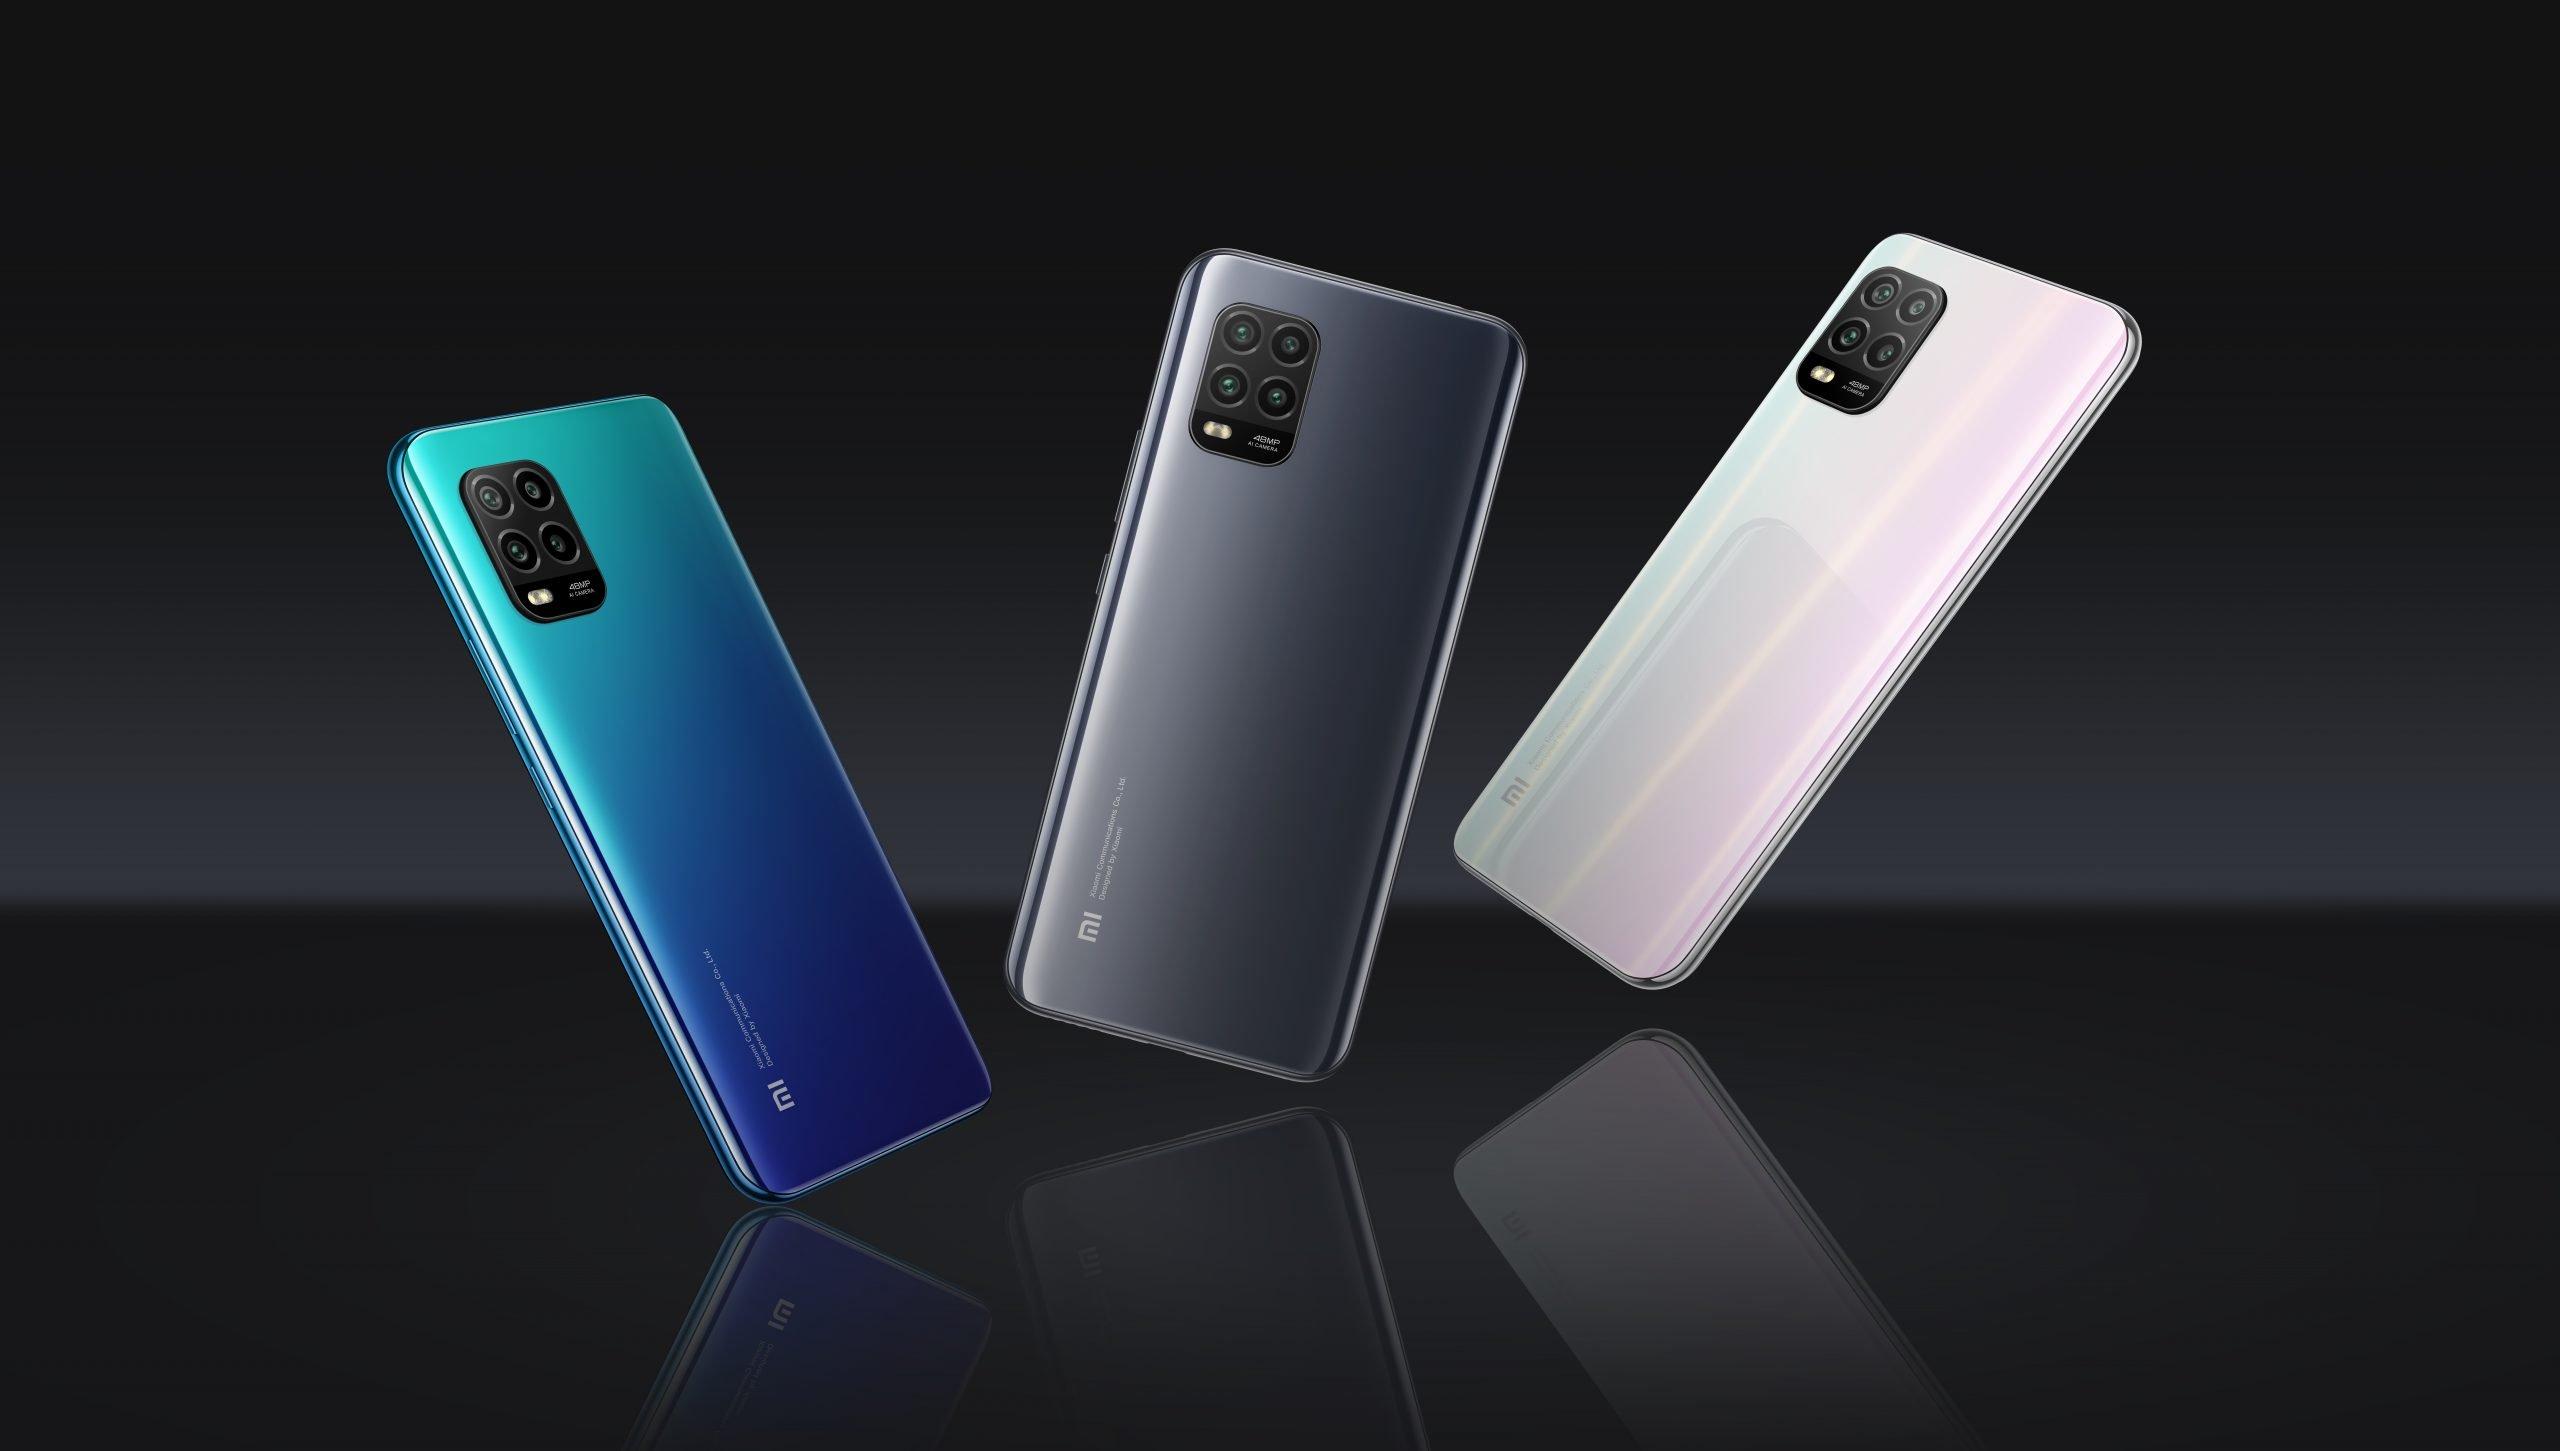 Xiaomi Mi 10, Mi 10 Pro e Mi 10 Lite ufficiali: caratteristiche tecniche e prezzi in Italia 1